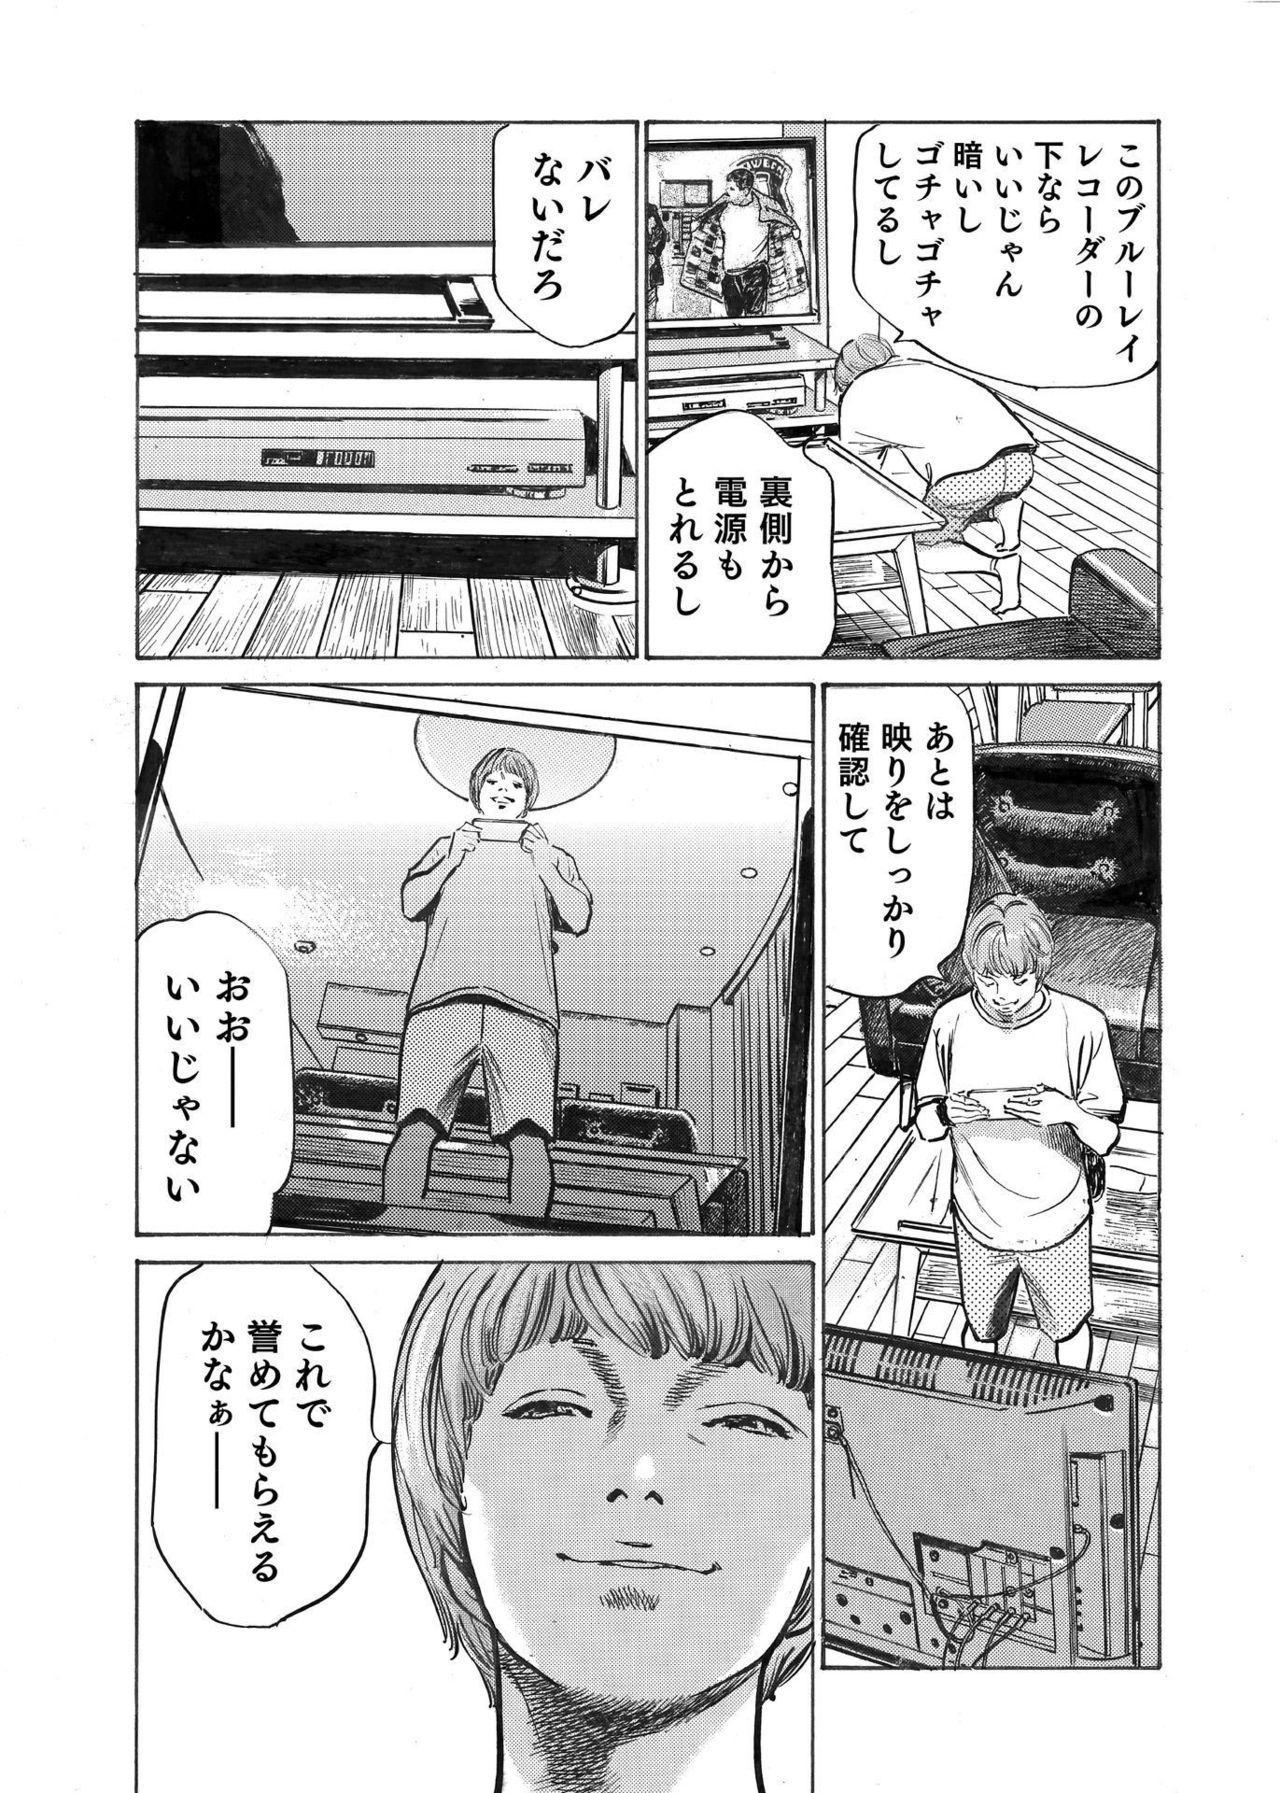 Ore wa Tsuma no Koto o Yoku Shiranai 1-9 93